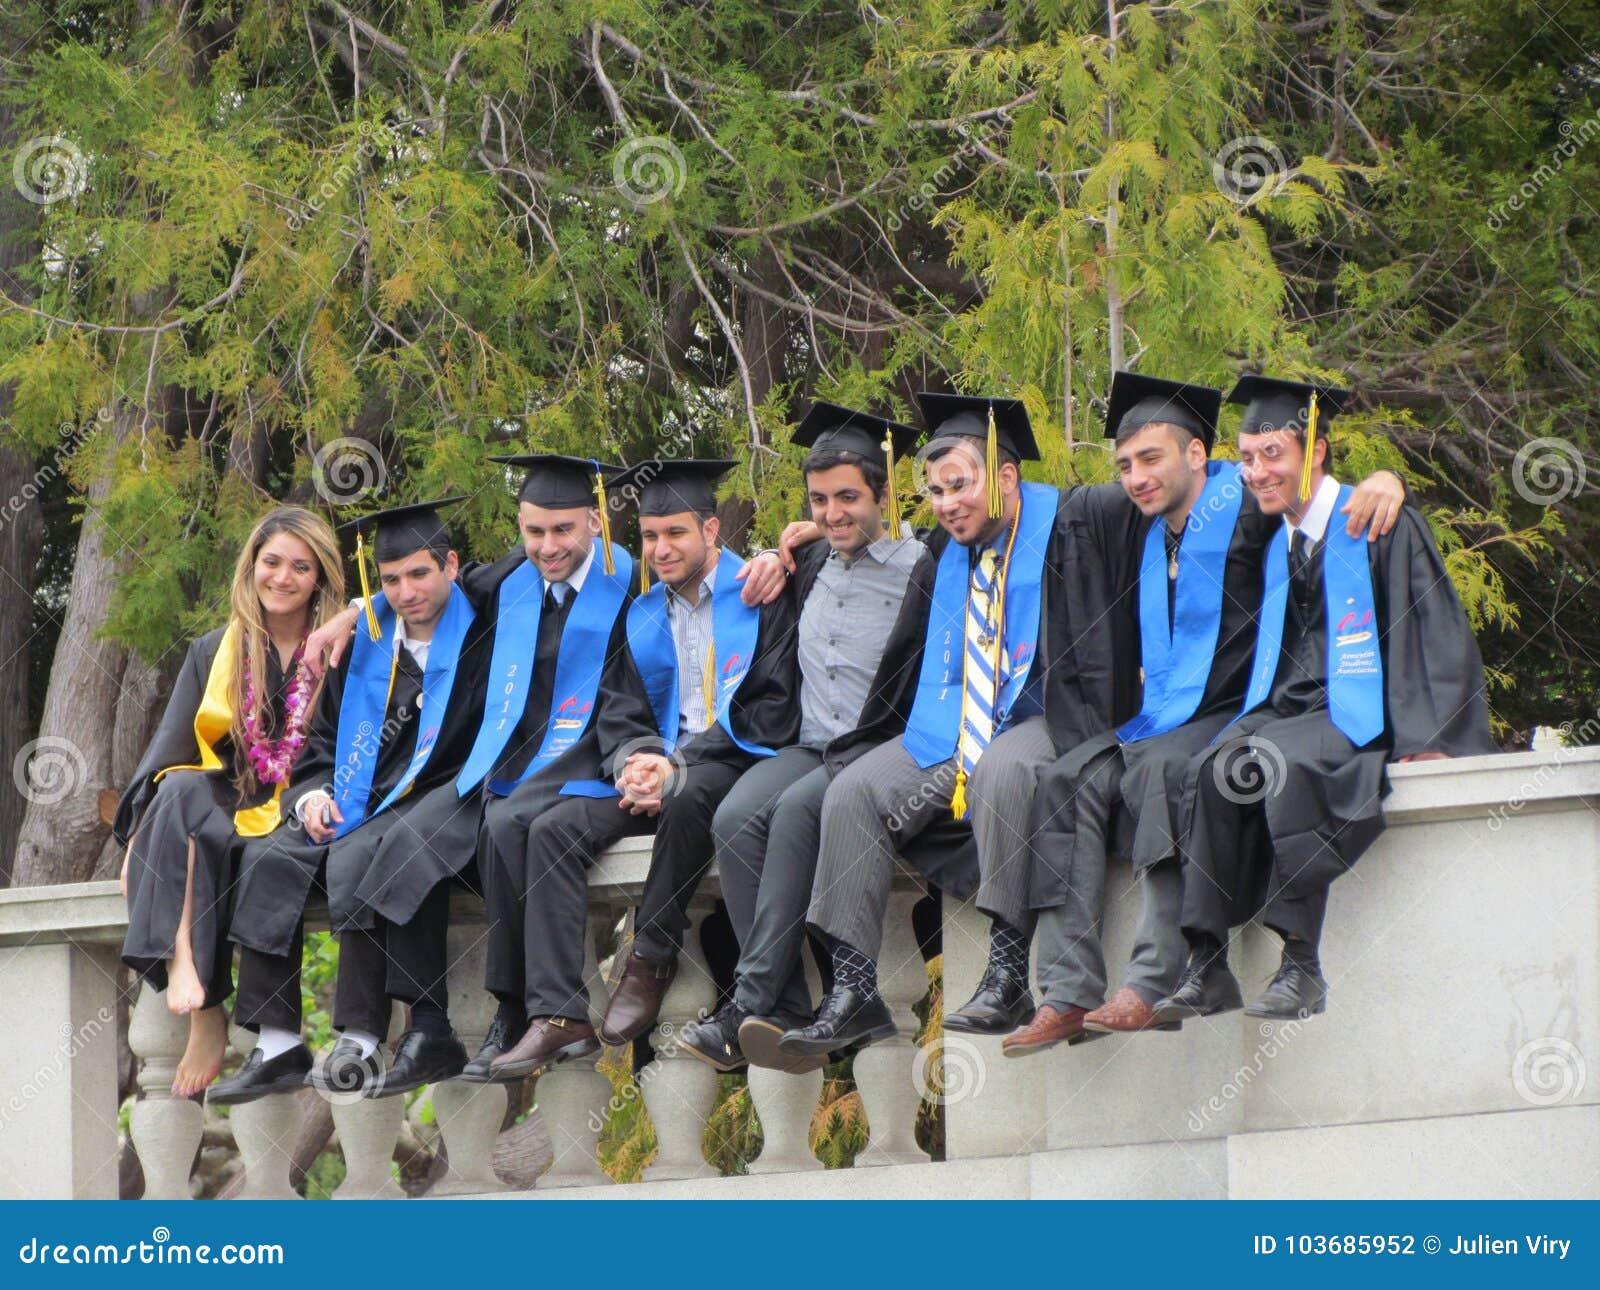 2d50edb58 ... el 15 de mayo de 2011  Estudiantes universitarios que plantean sentarse  en una pared que lleva el vestido académico de la regalía el día de  graduación ...